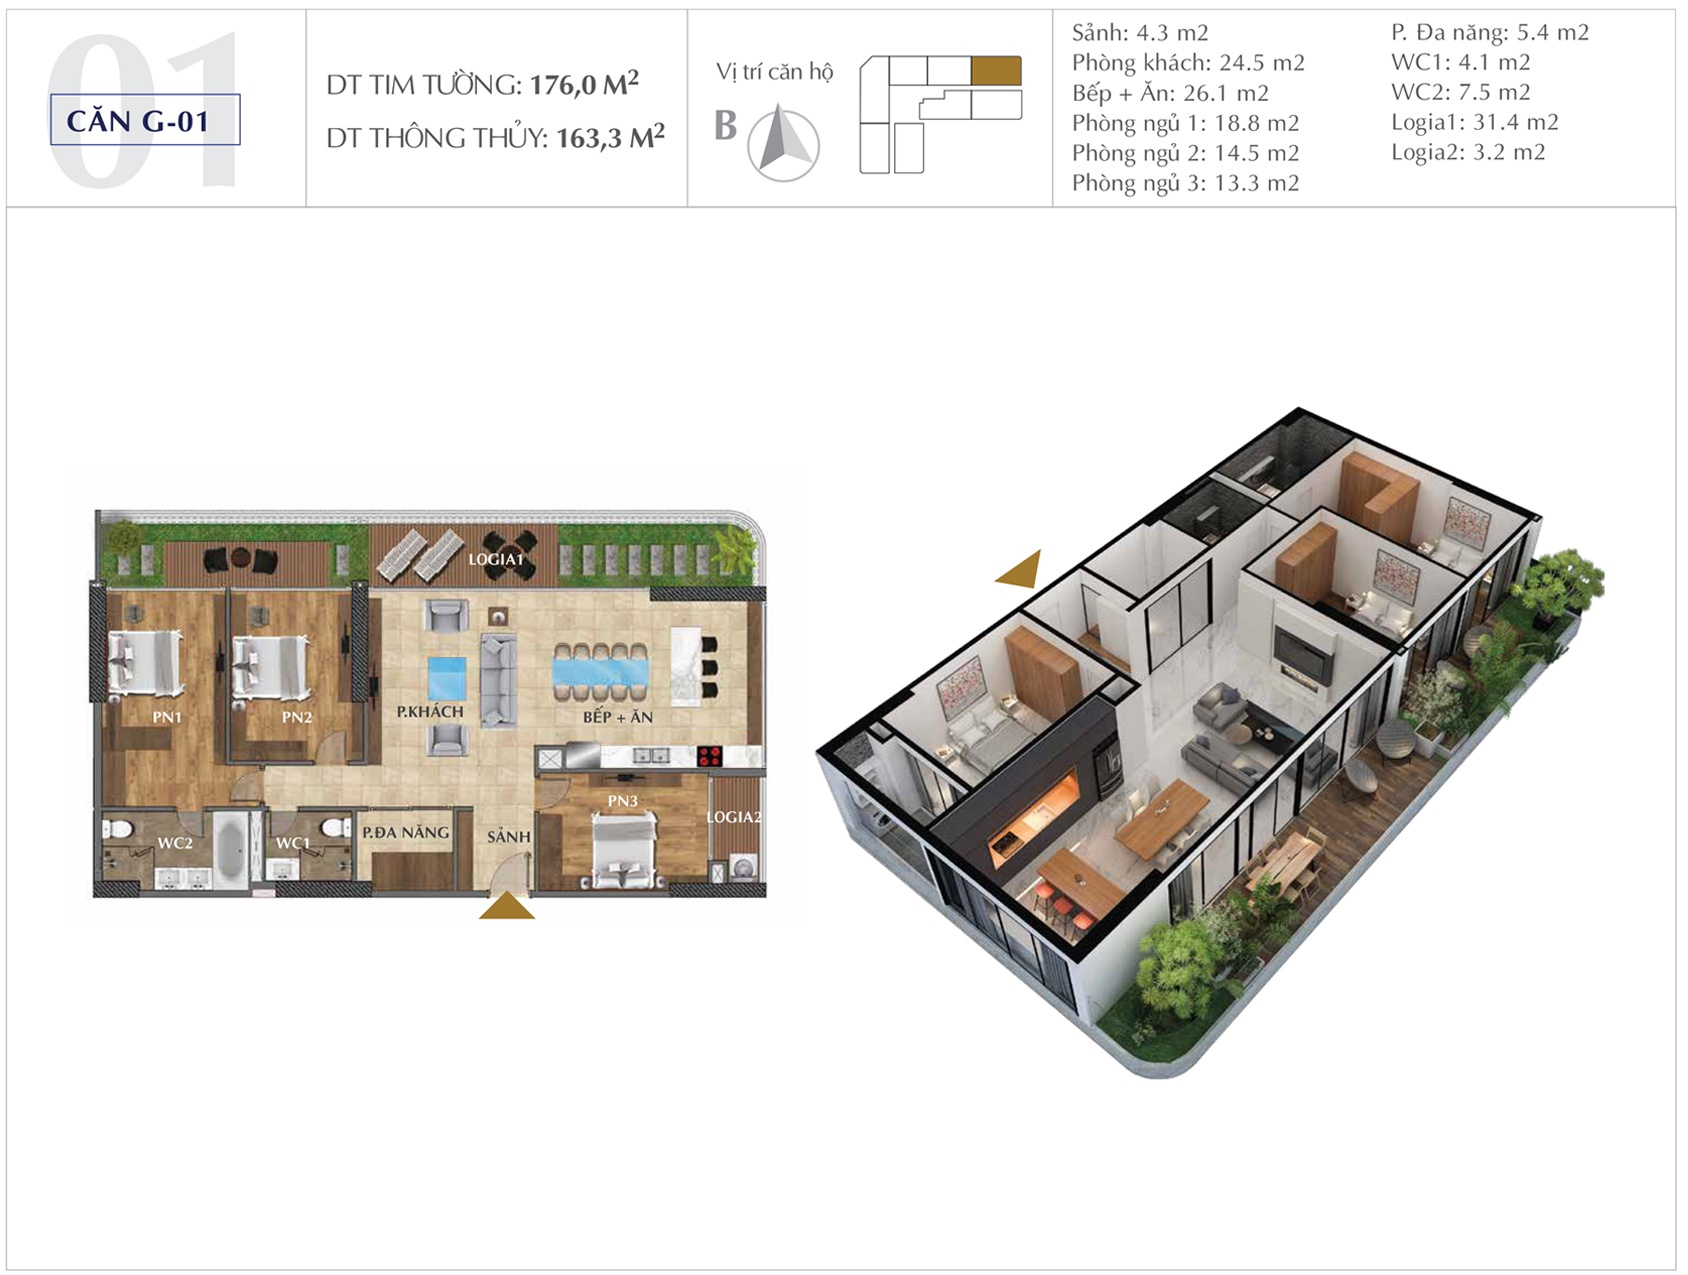 Thiết kế căn hộ G-01 chung cư sunshine golden river